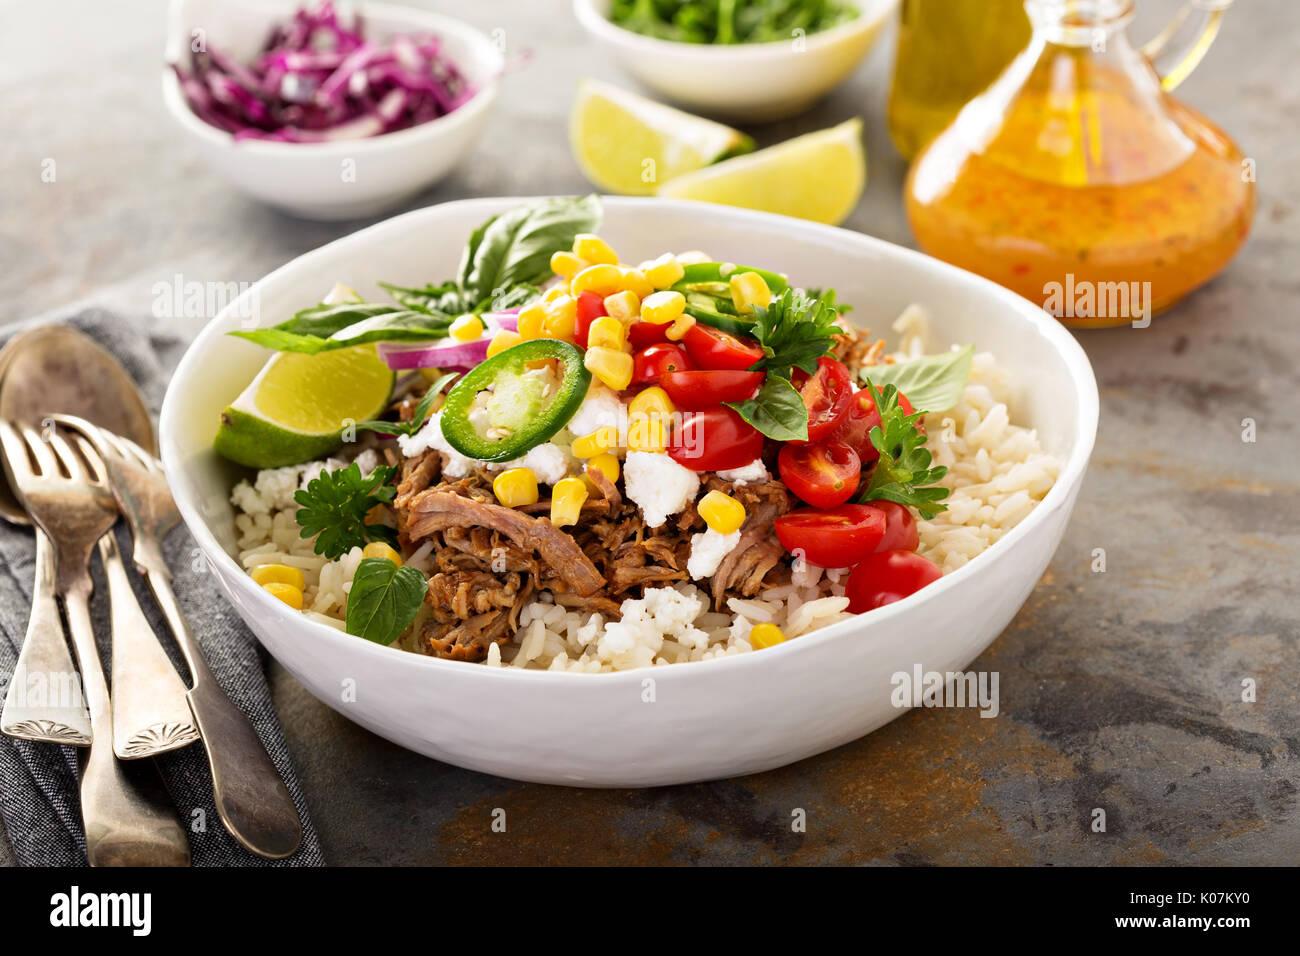 Cena tazón con arroz y carne de cerdo Imagen De Stock